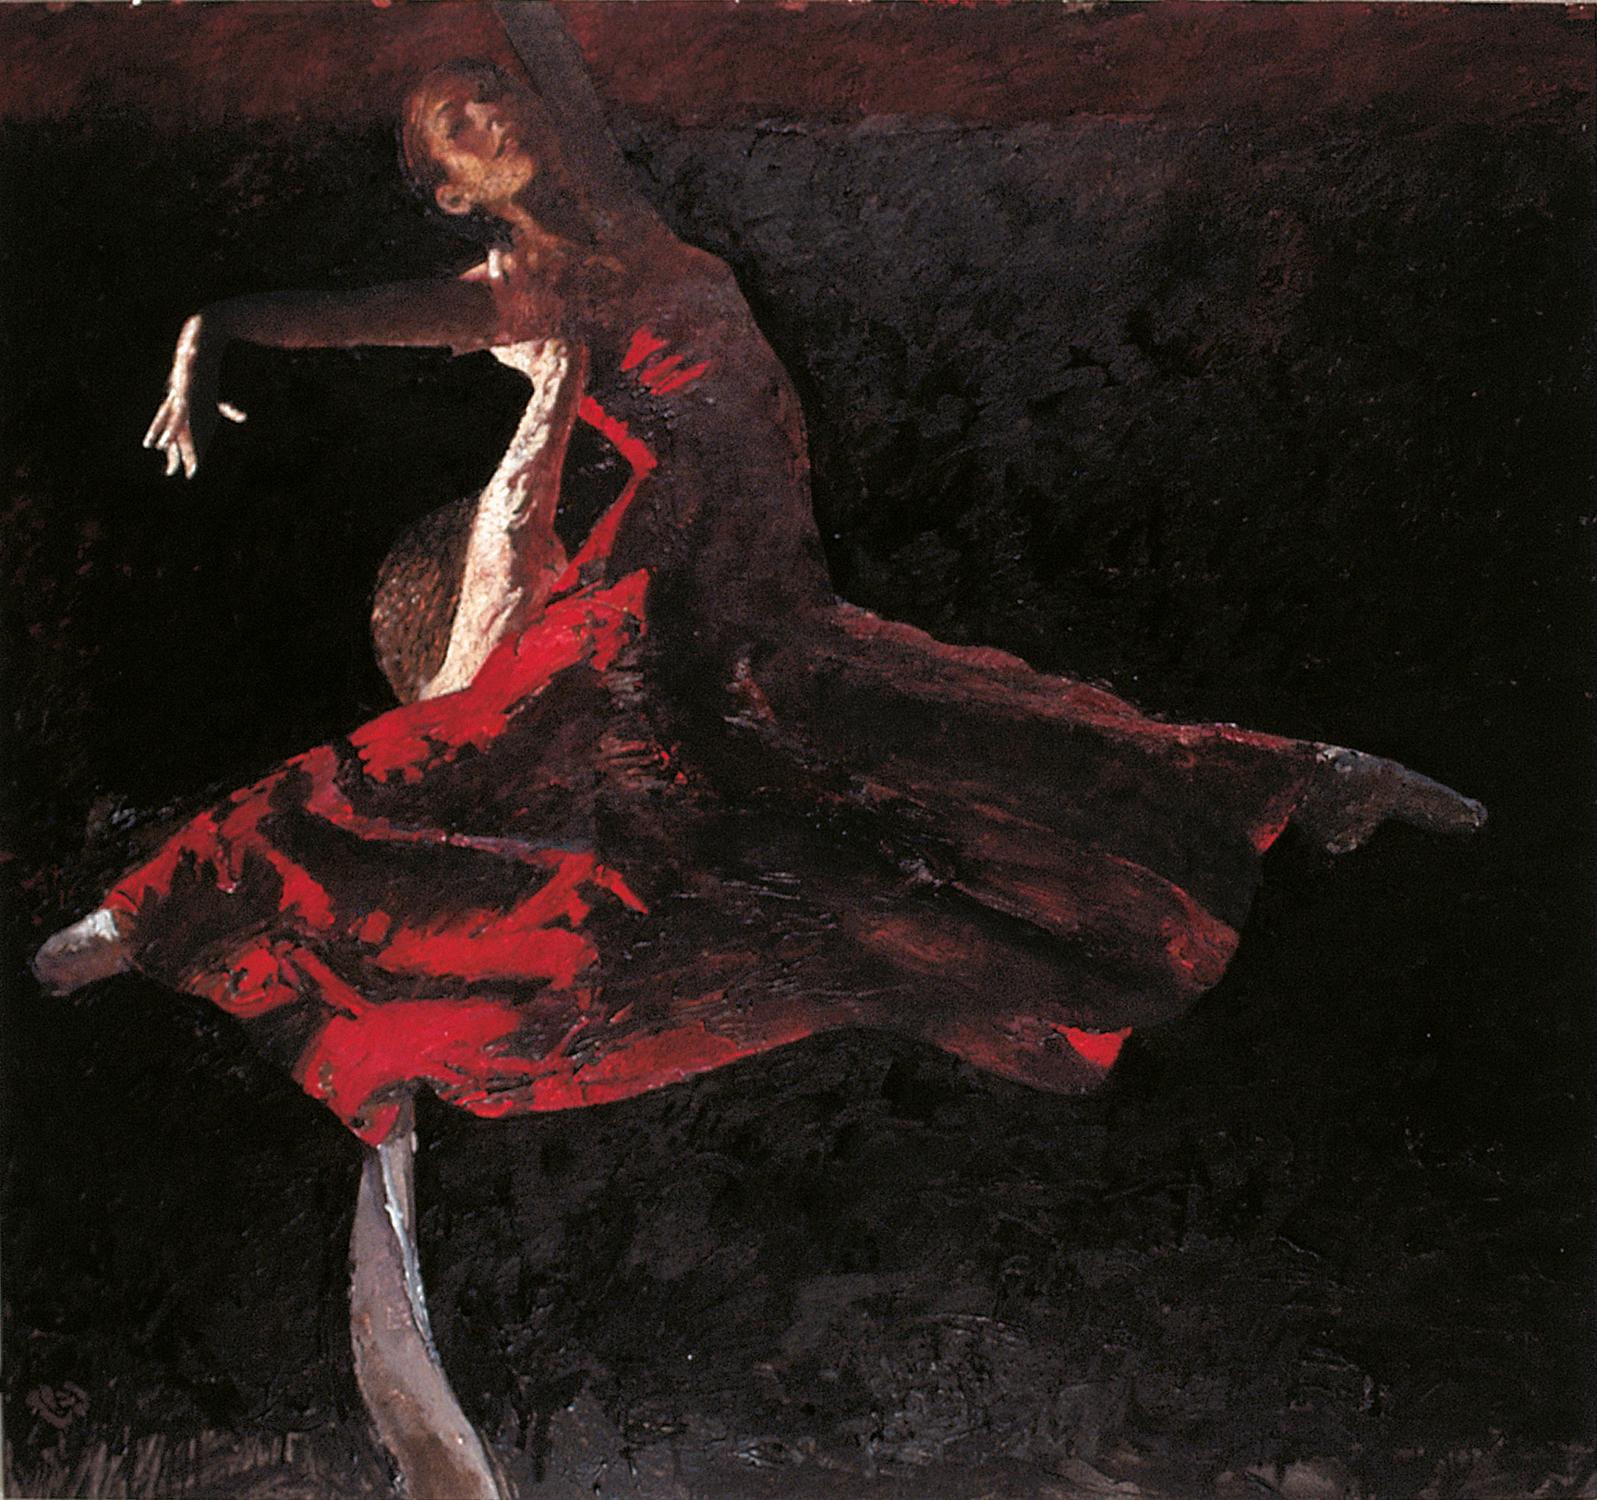 Robert Heindel painting of Birmingham Royal ballet